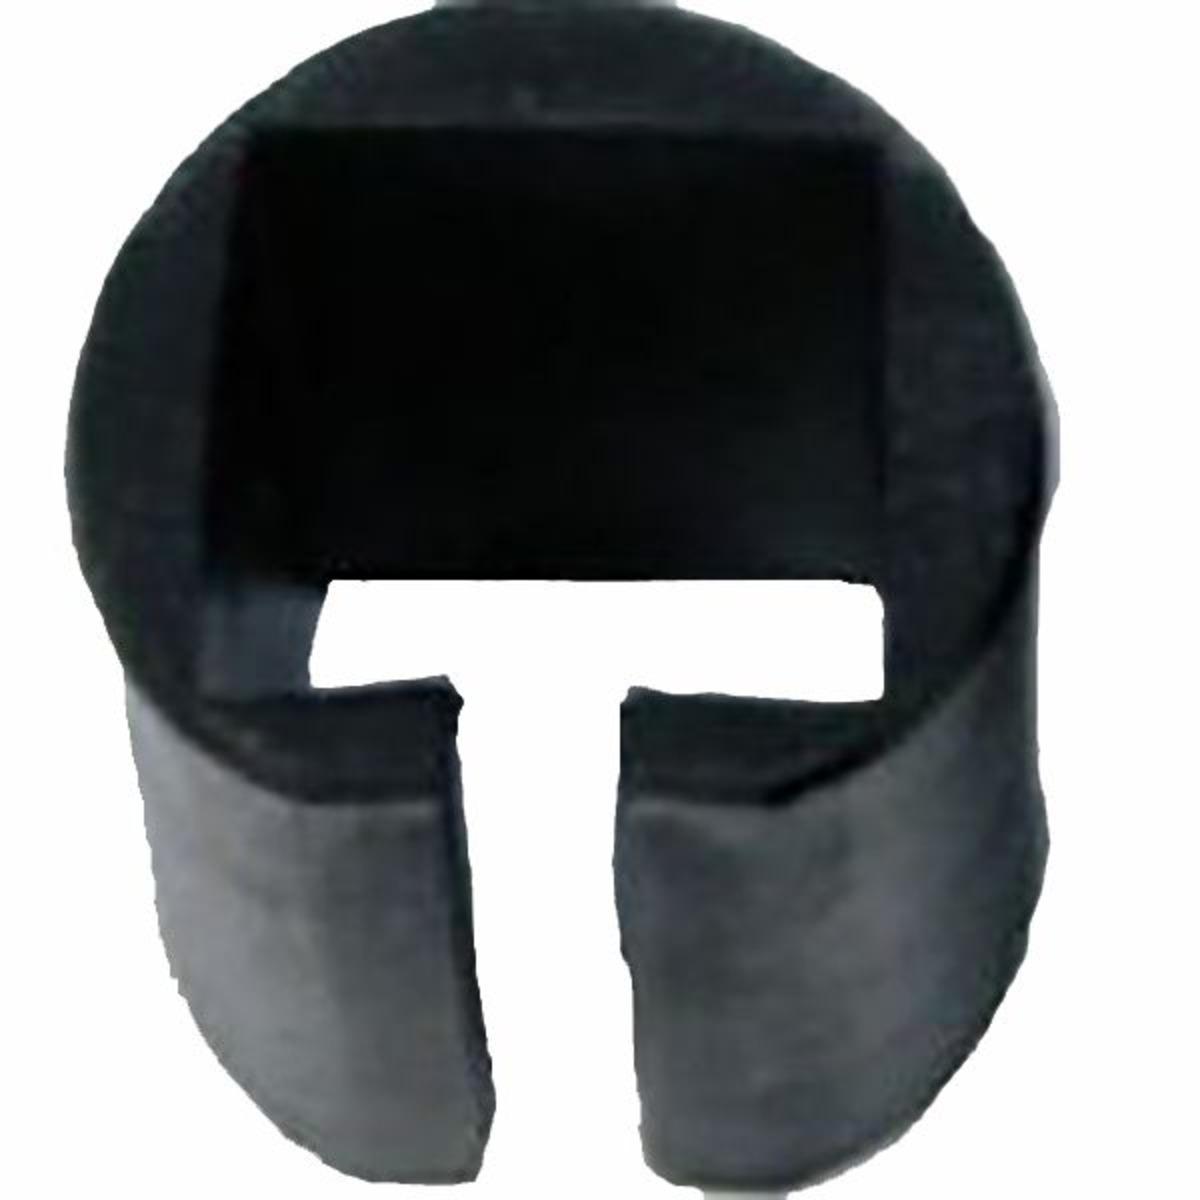 Ignesti Riduttore per Gambe Panieri - da 0.30 mm a 0.20 mm SQR